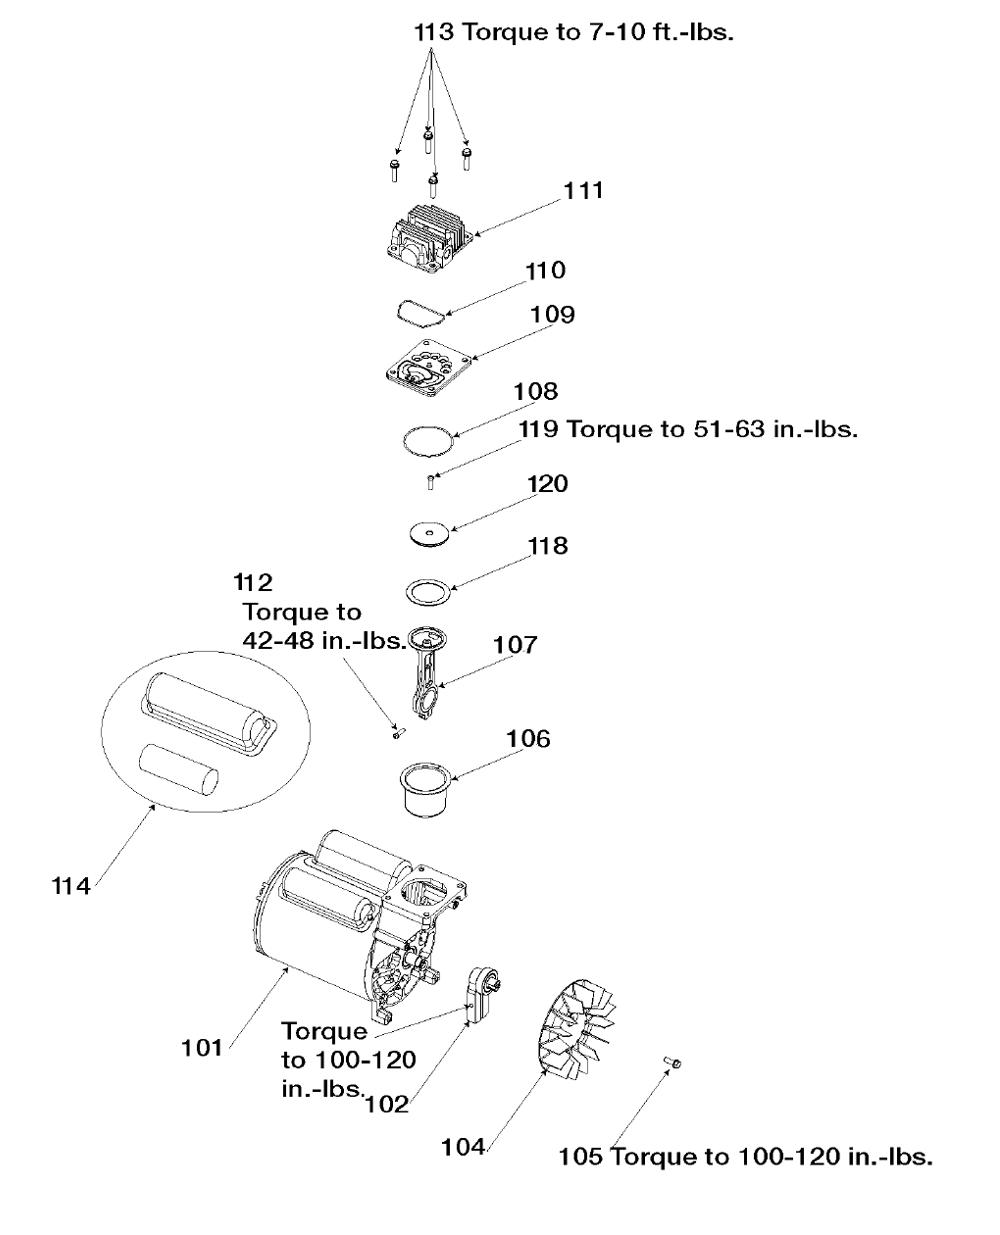 CPF23400P-Porter-Cable-T3-PB-1Break Down